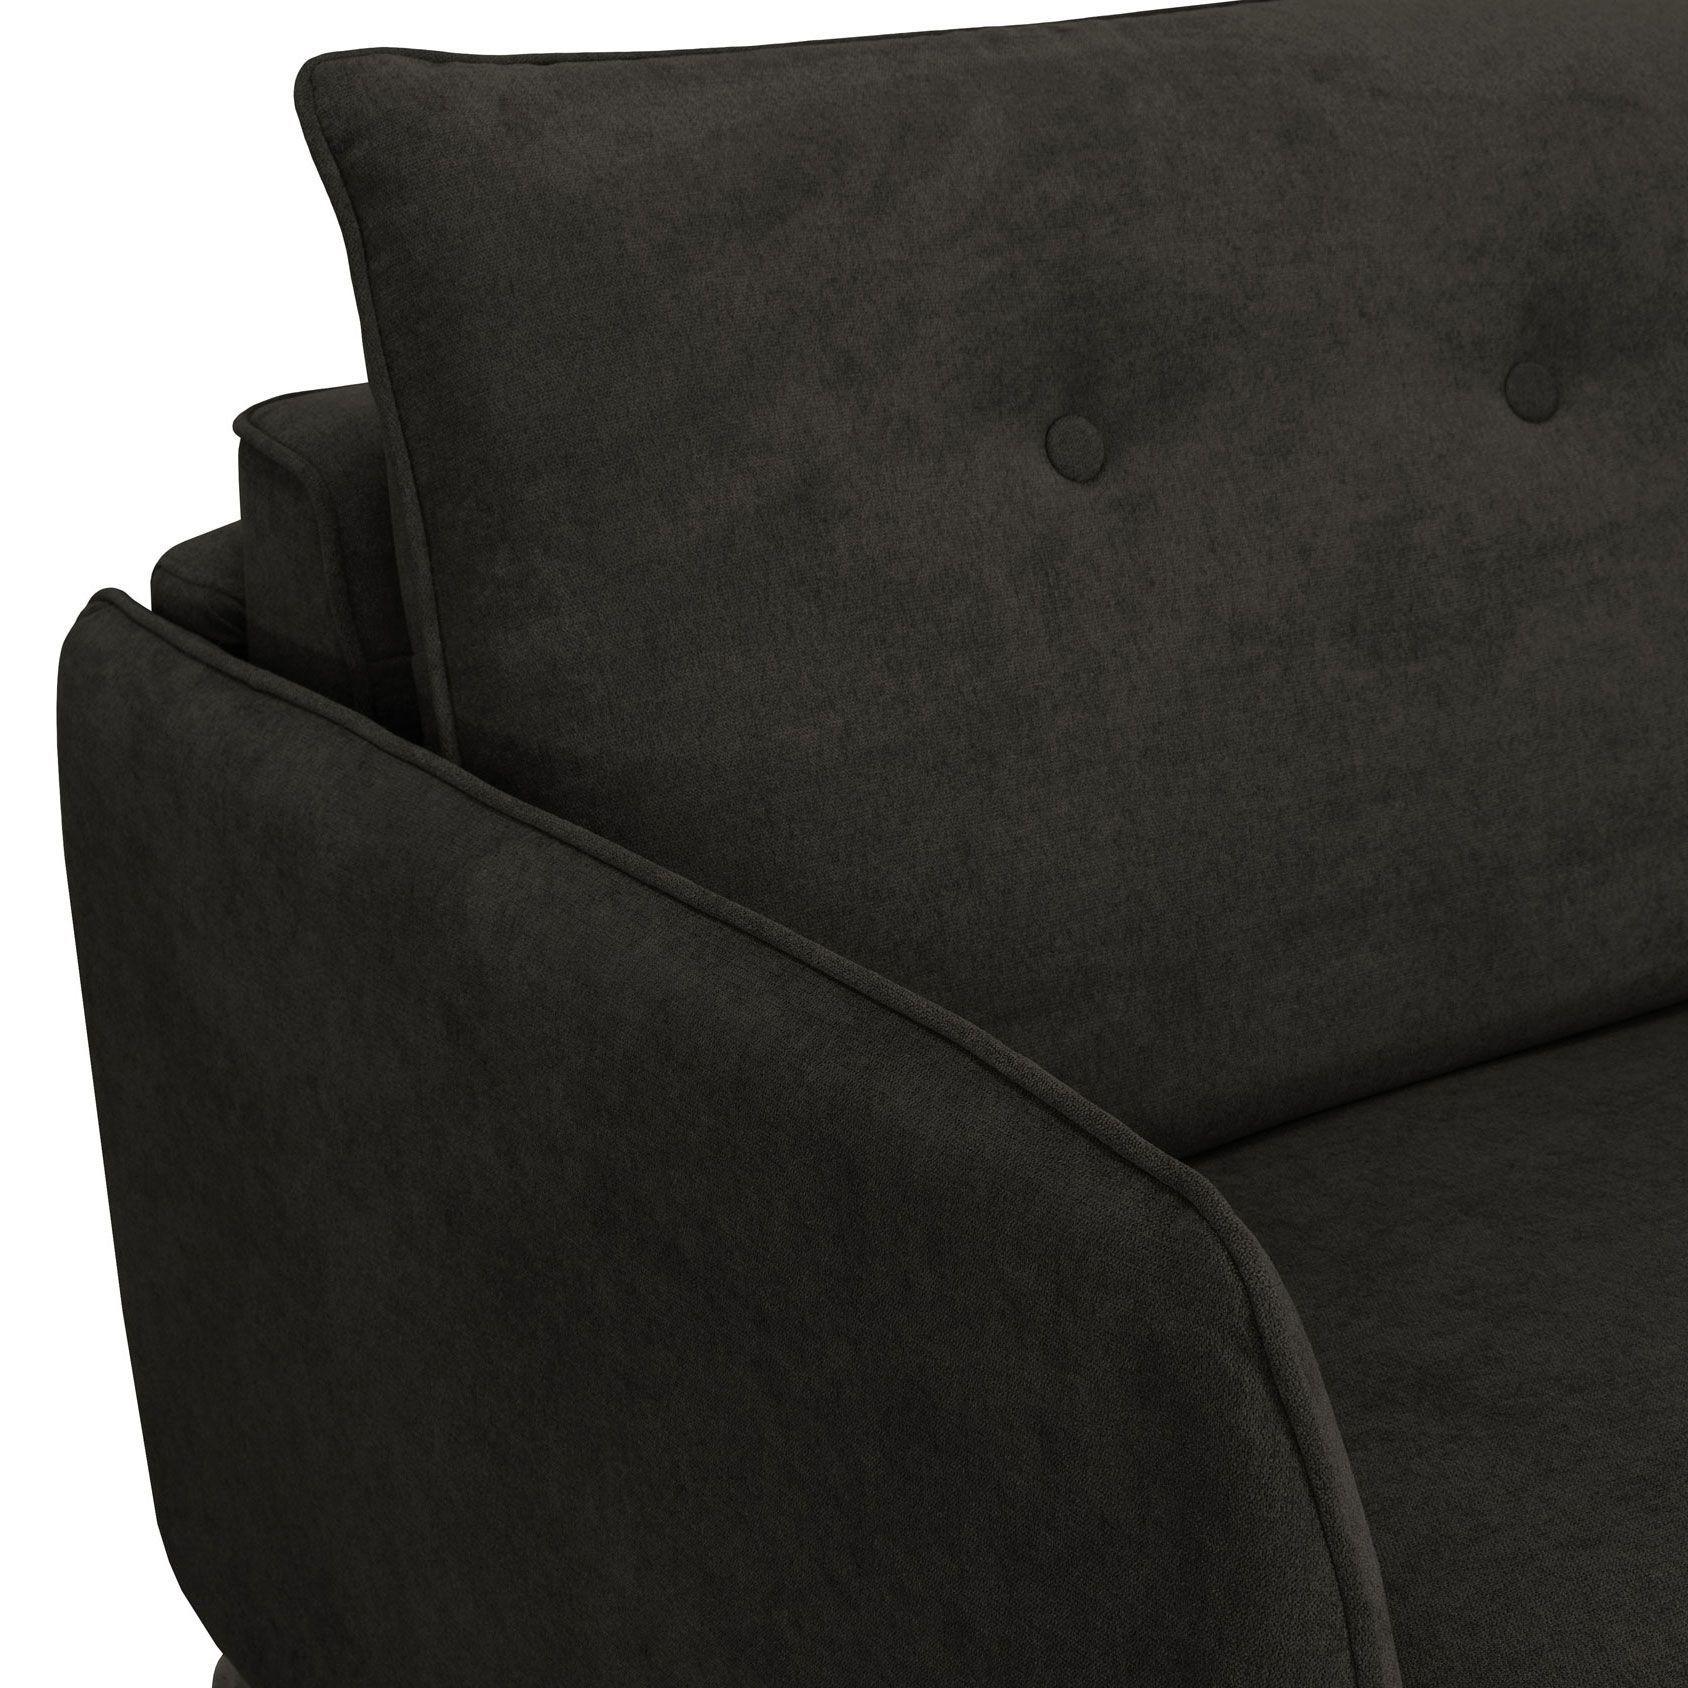 Canapé convertible STAR usage quotidien, système rapid\'lit (dit rapido) couchage 120cm en tissu chiné TIFFANY